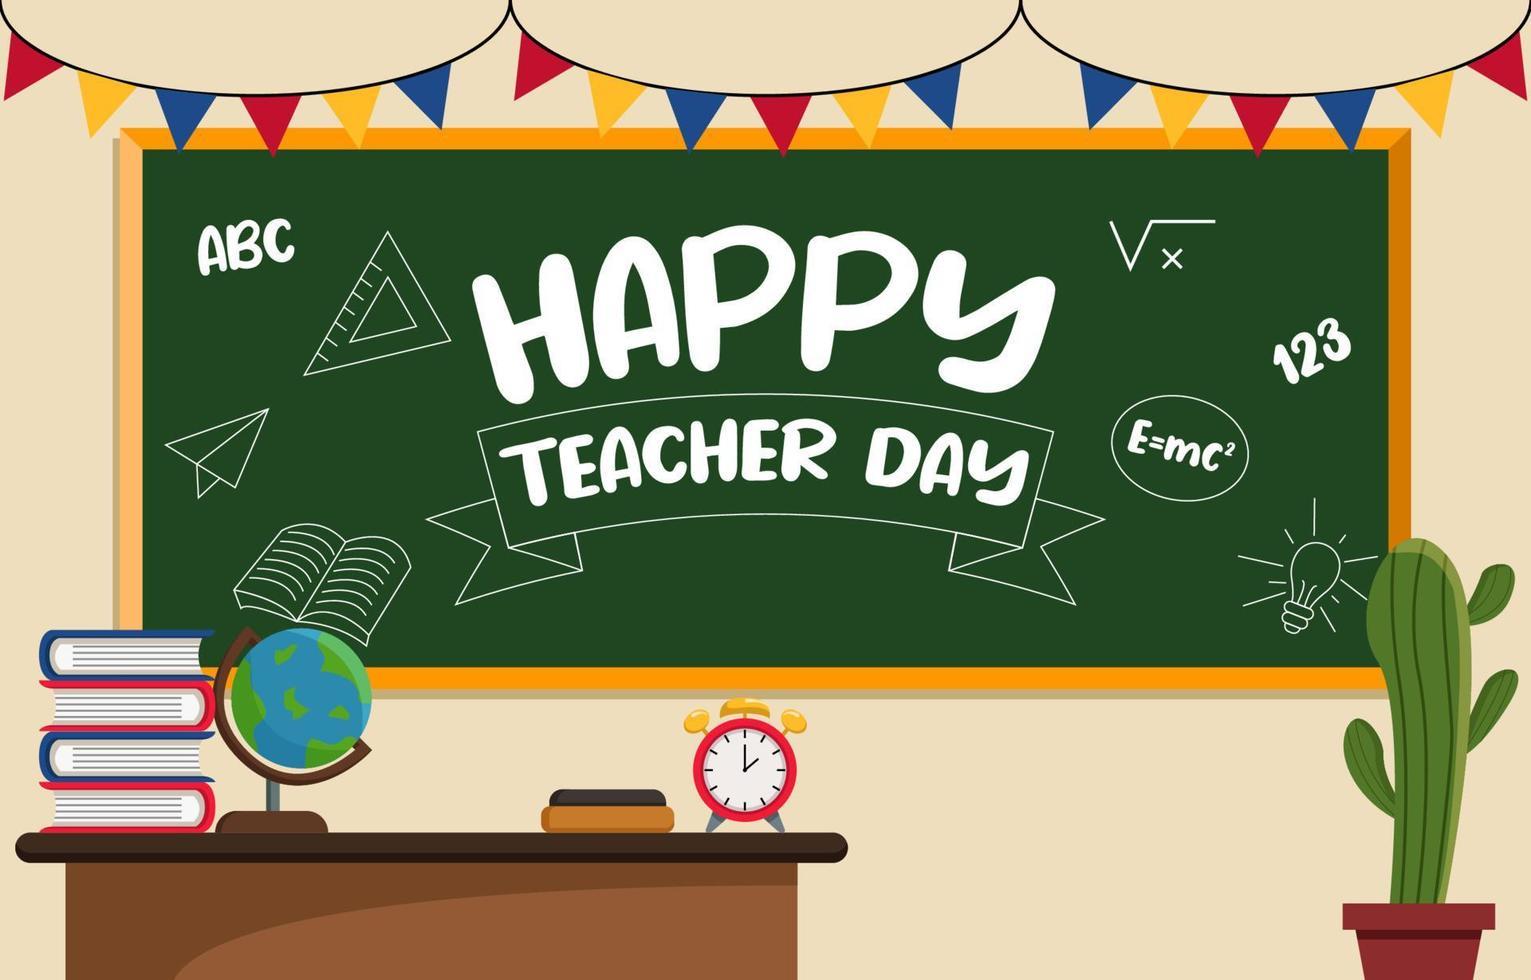 Hintergrund zum Lehrertag vektor